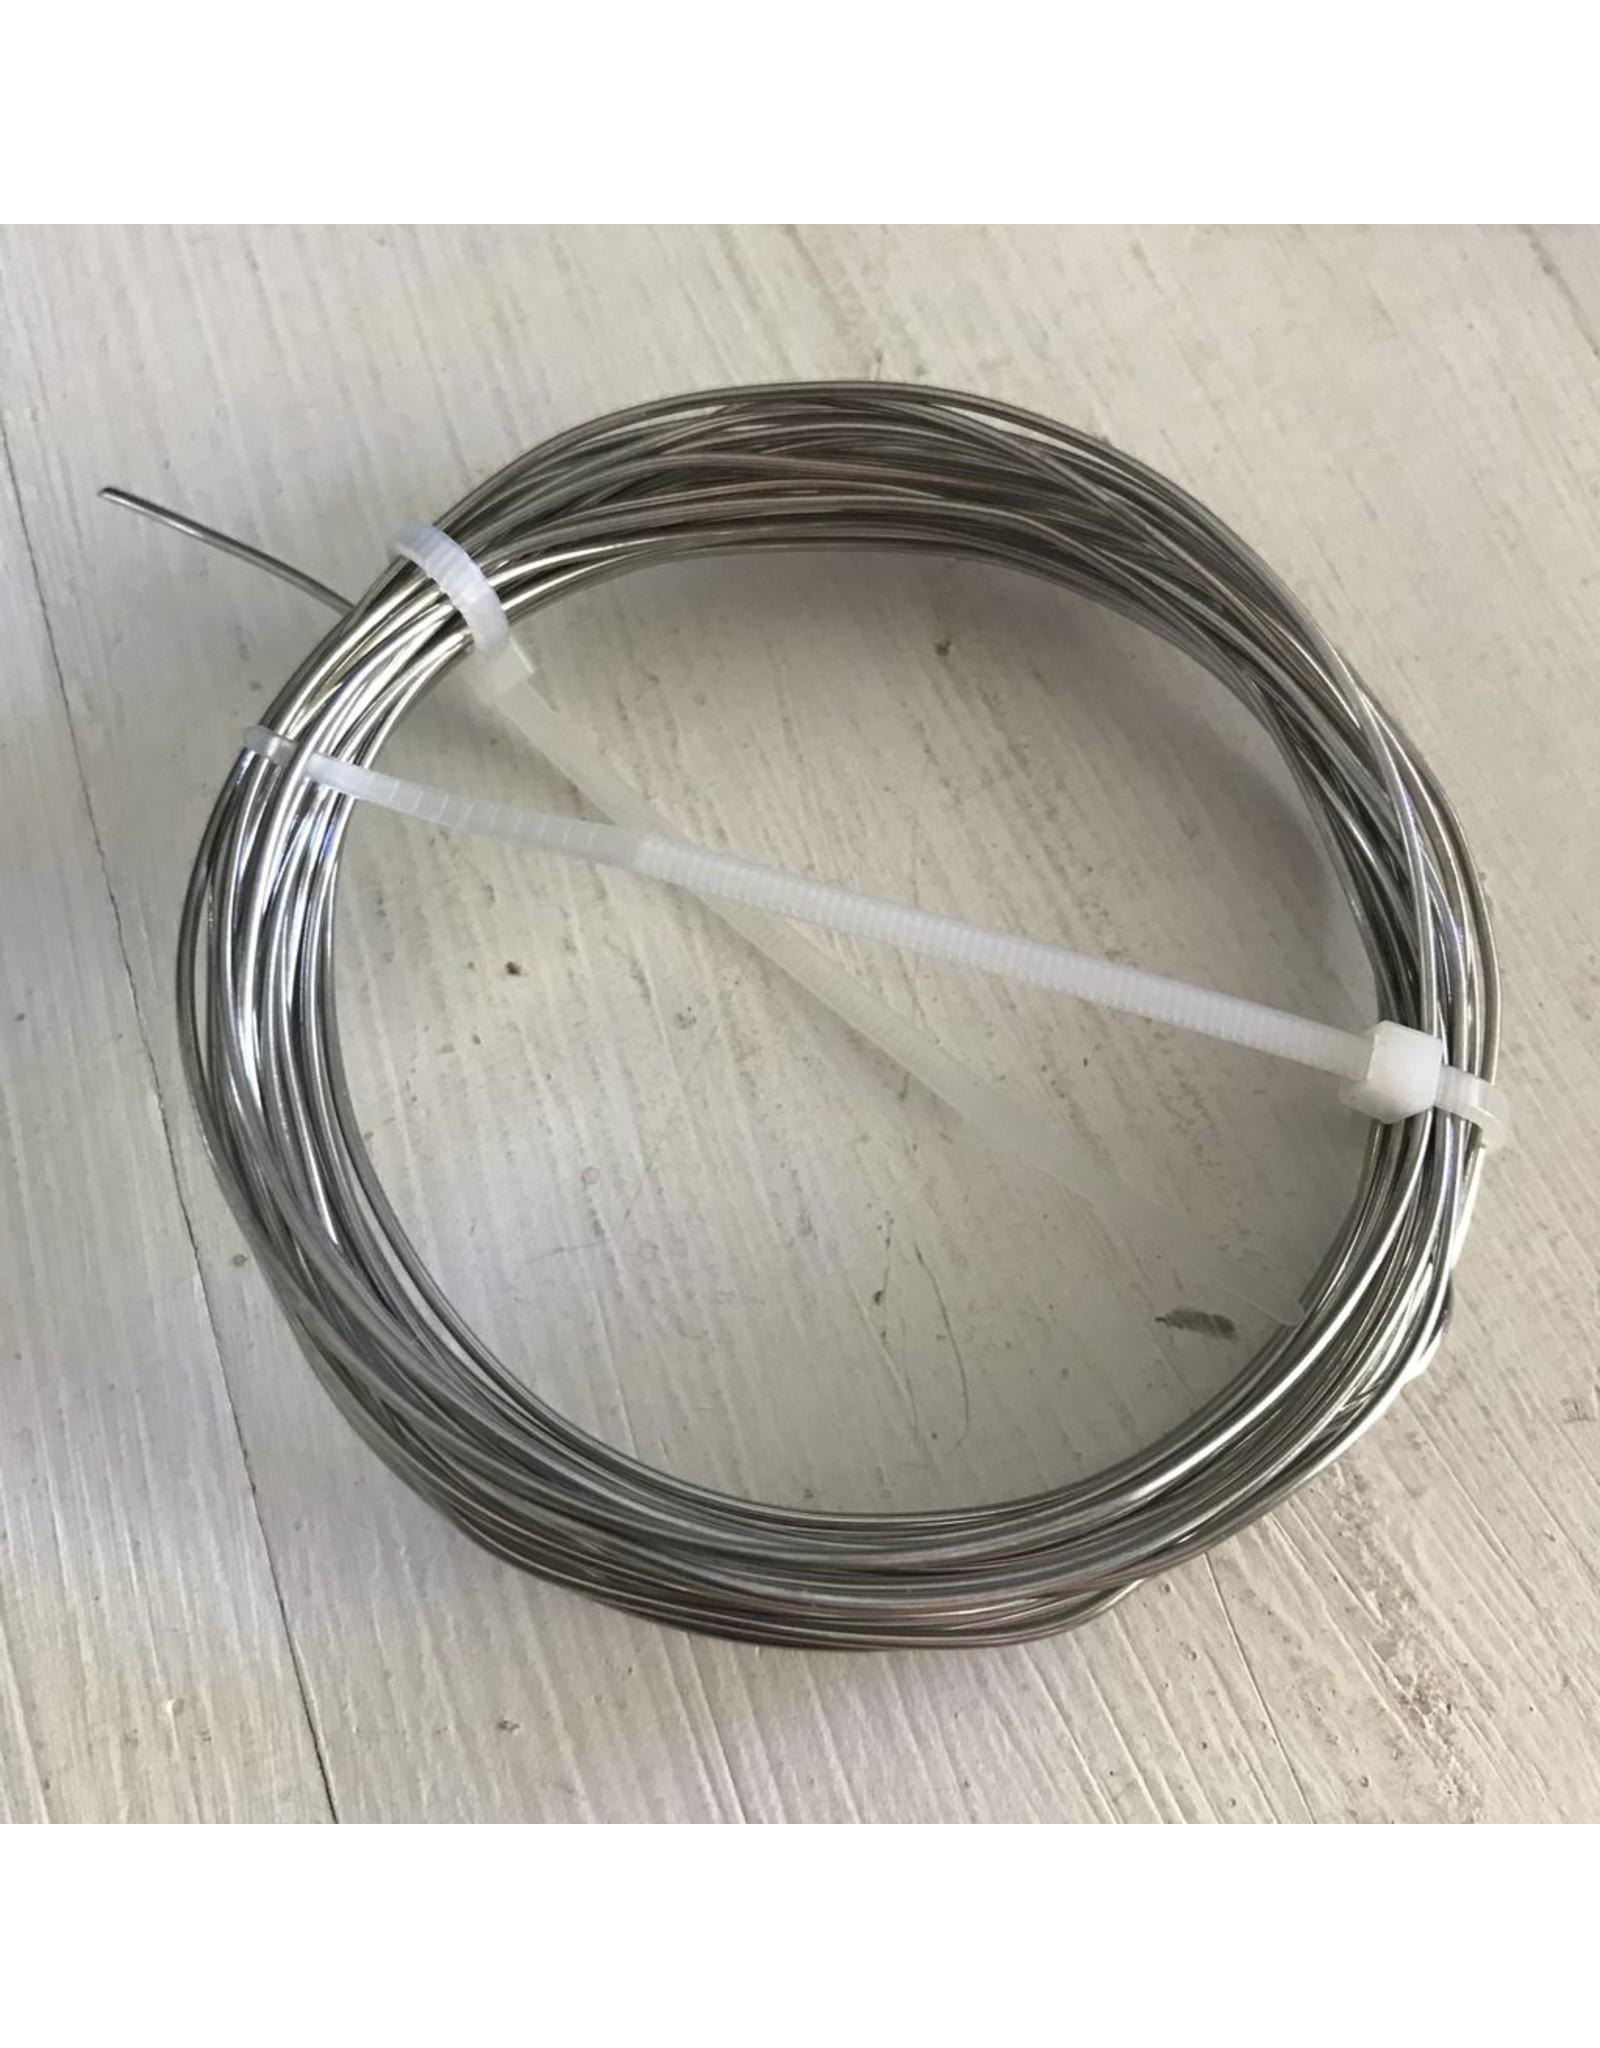 Nichrome wire 1mm